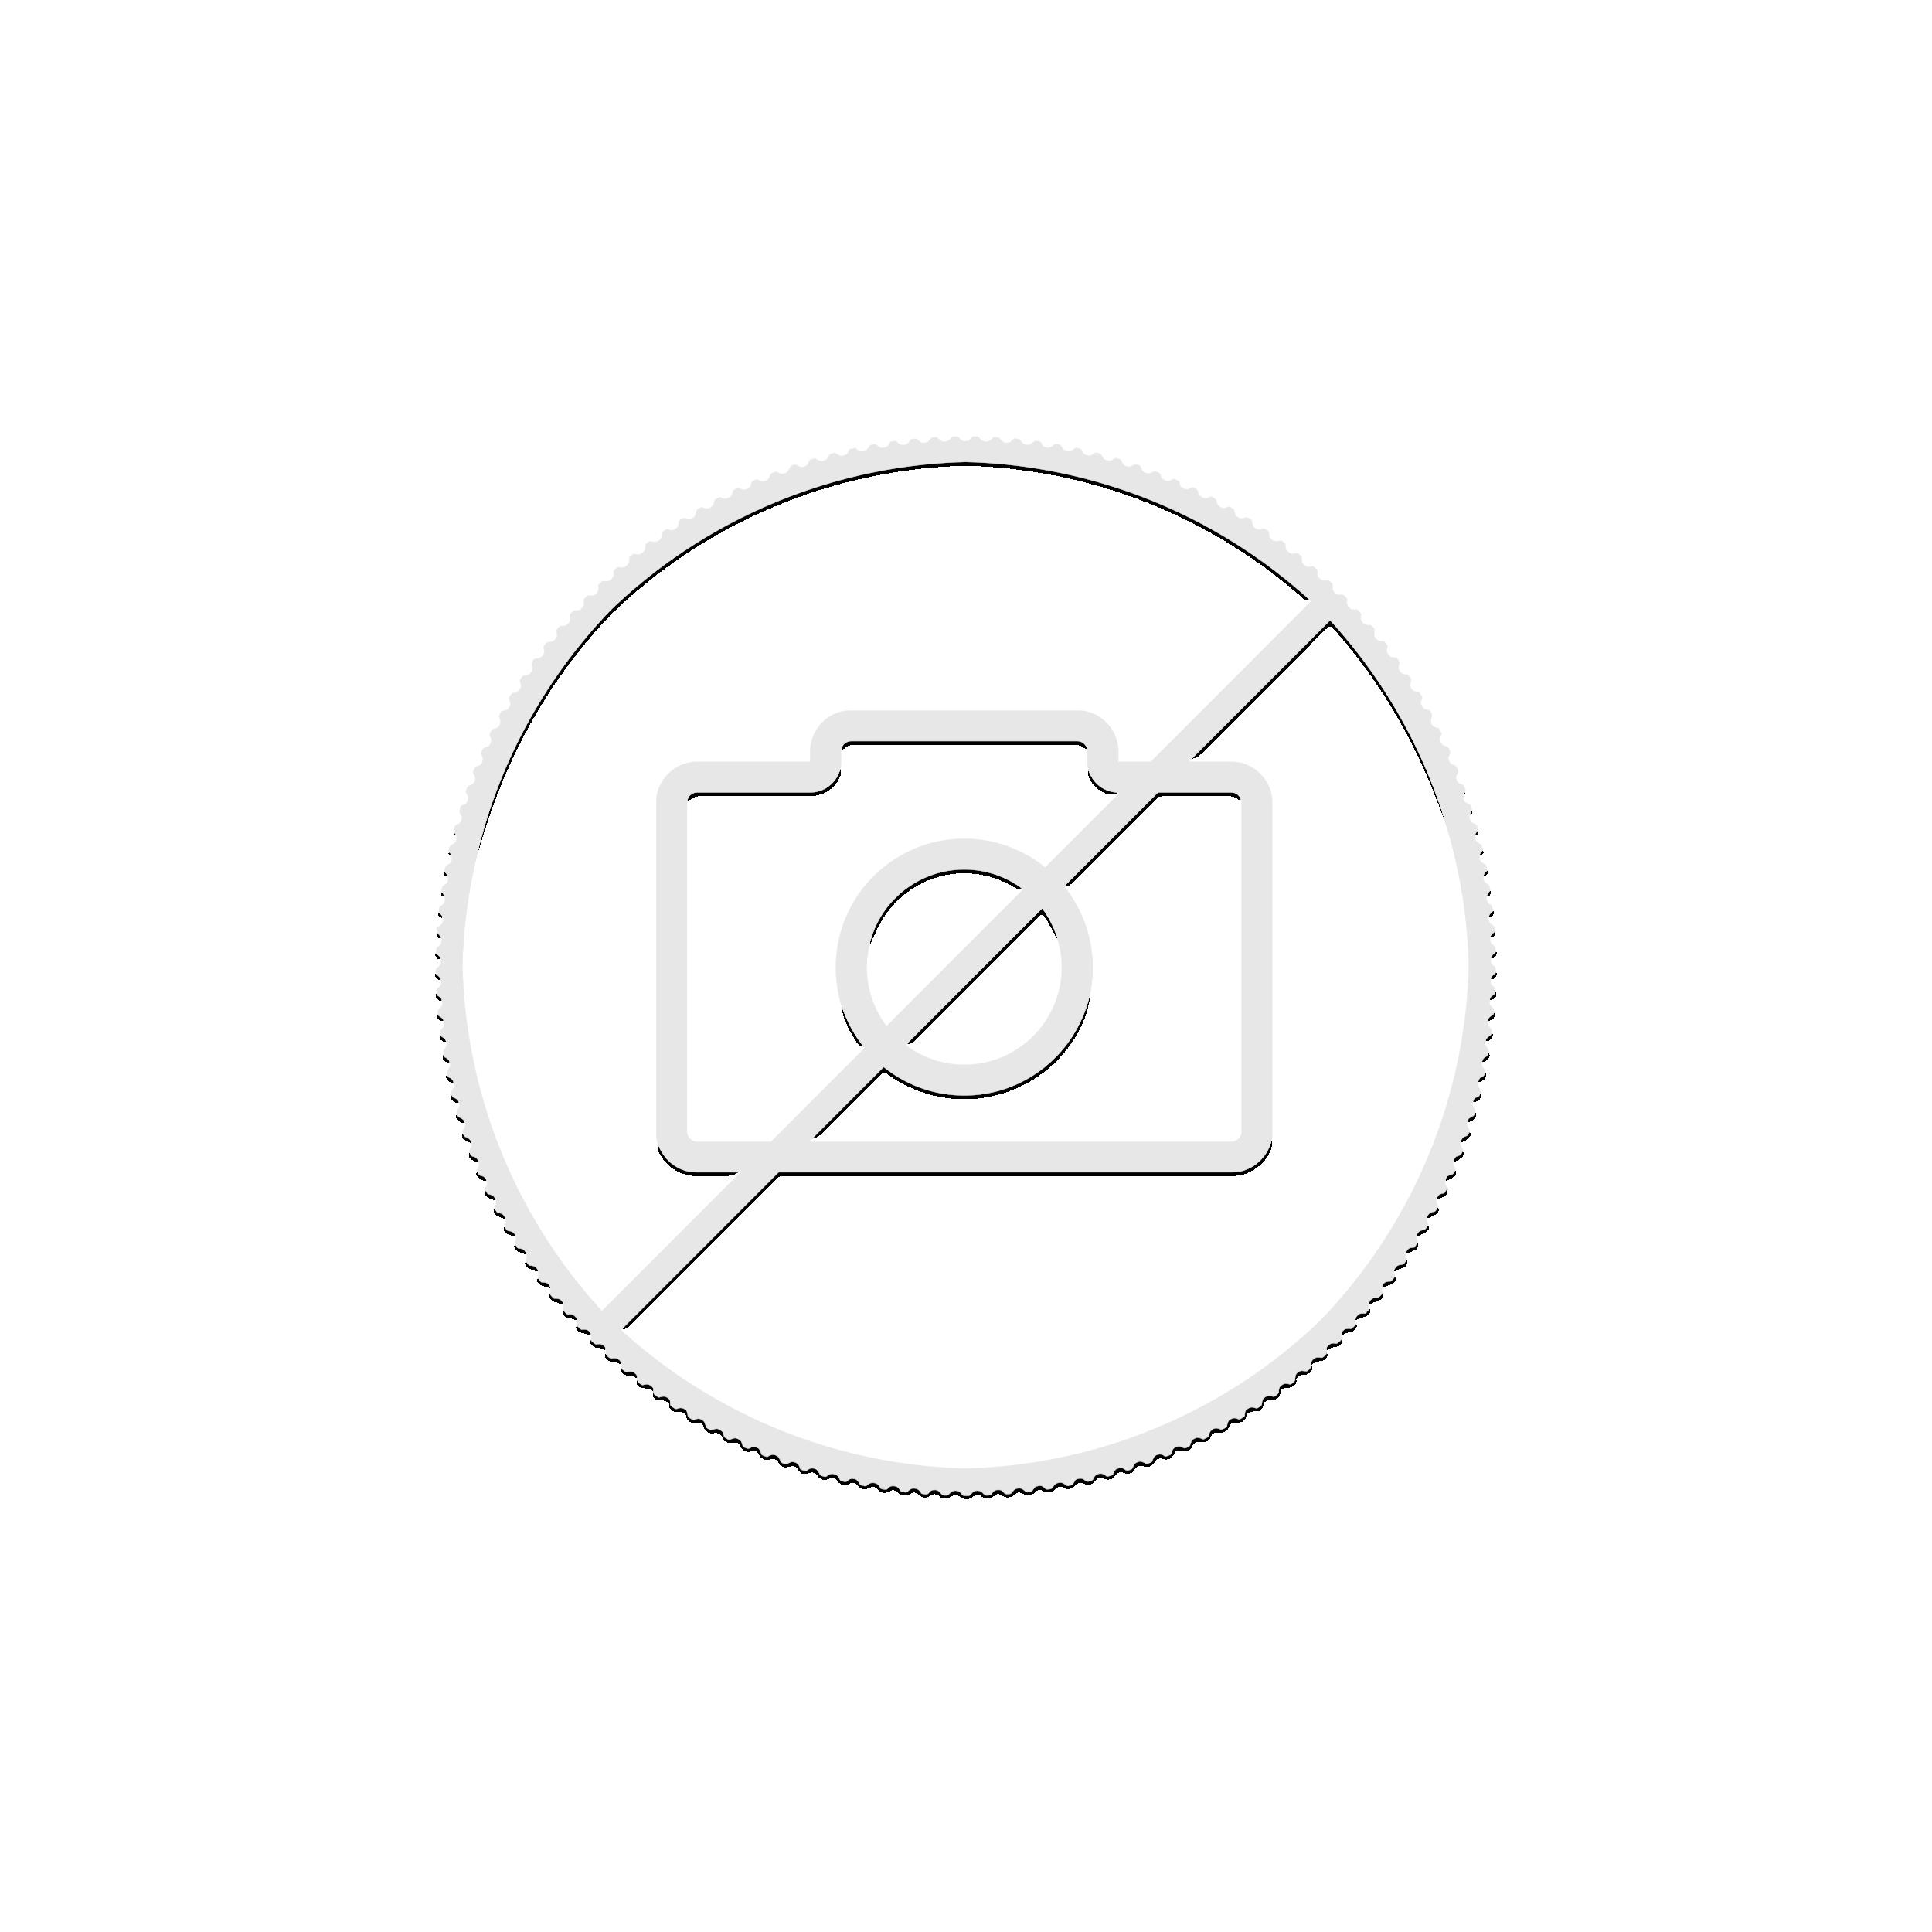 1 troy ounce silver Panda coin